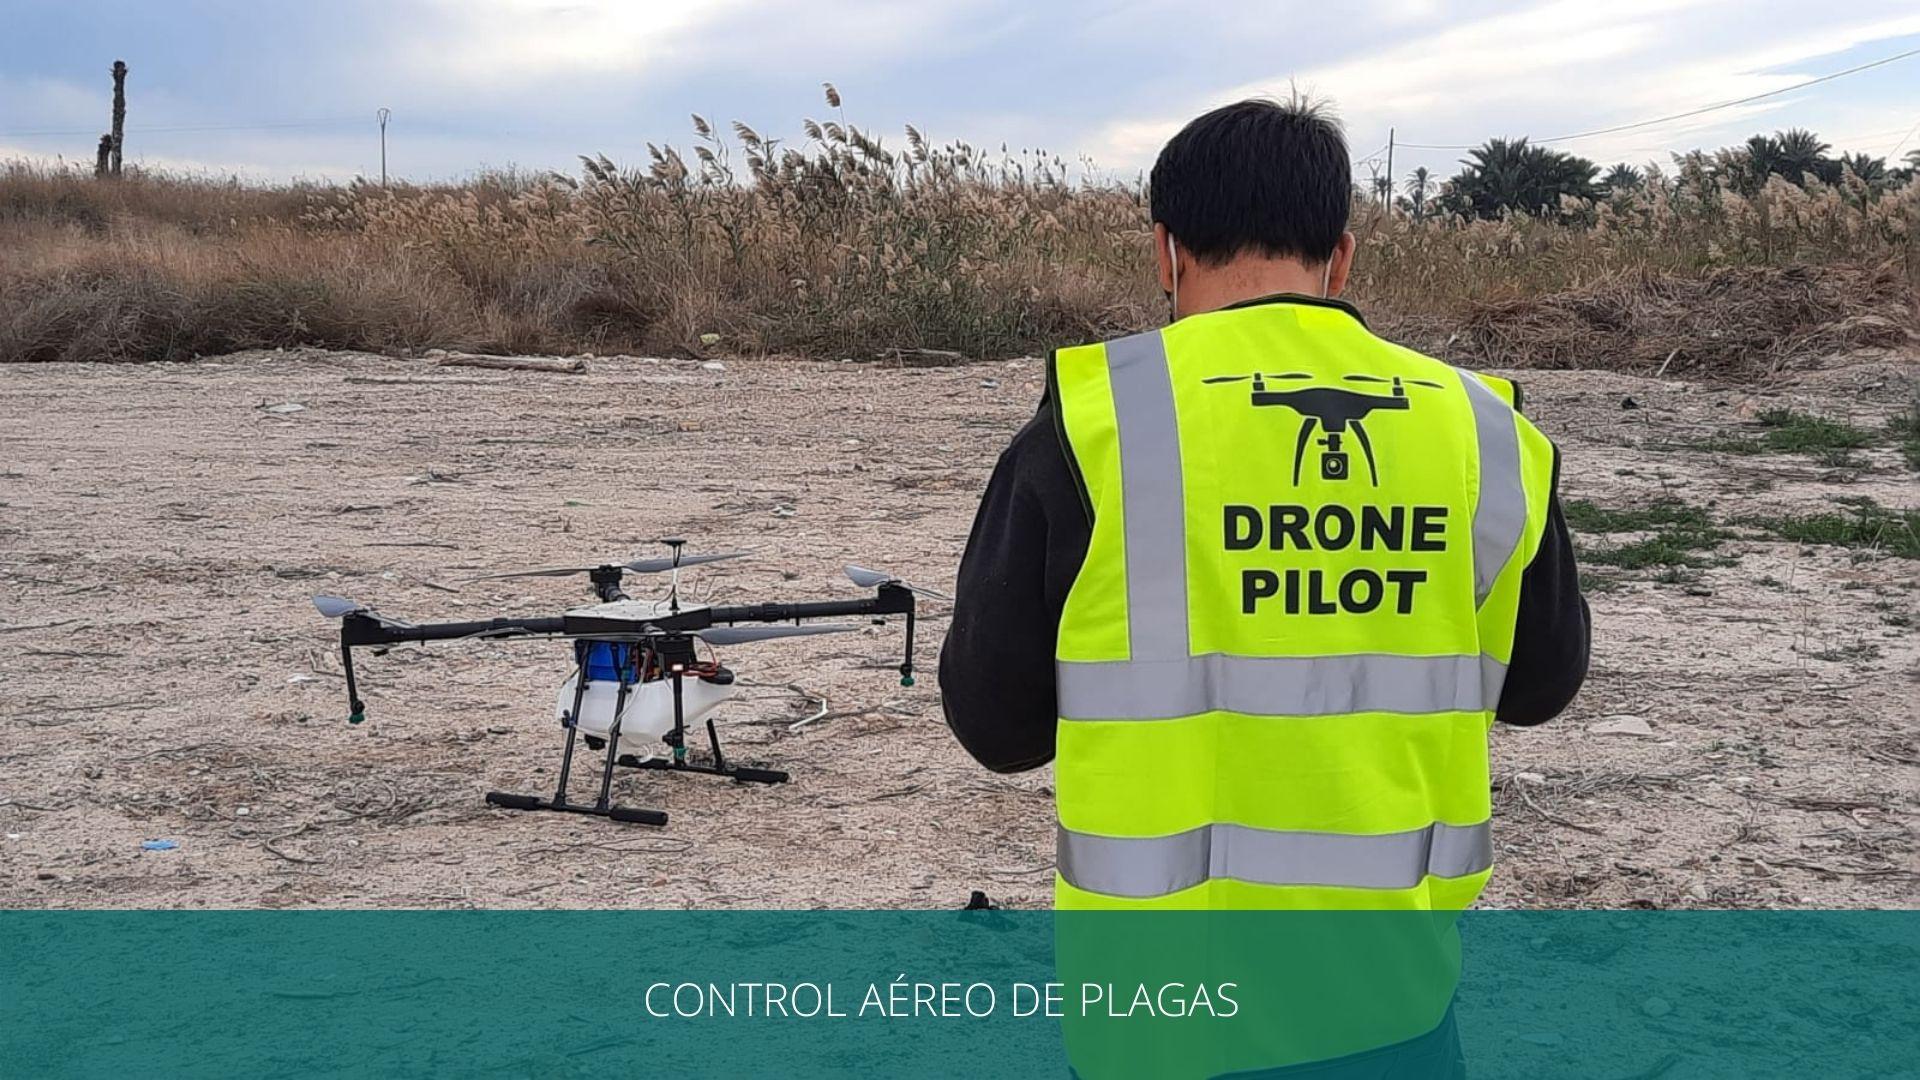 control aéreo con drones